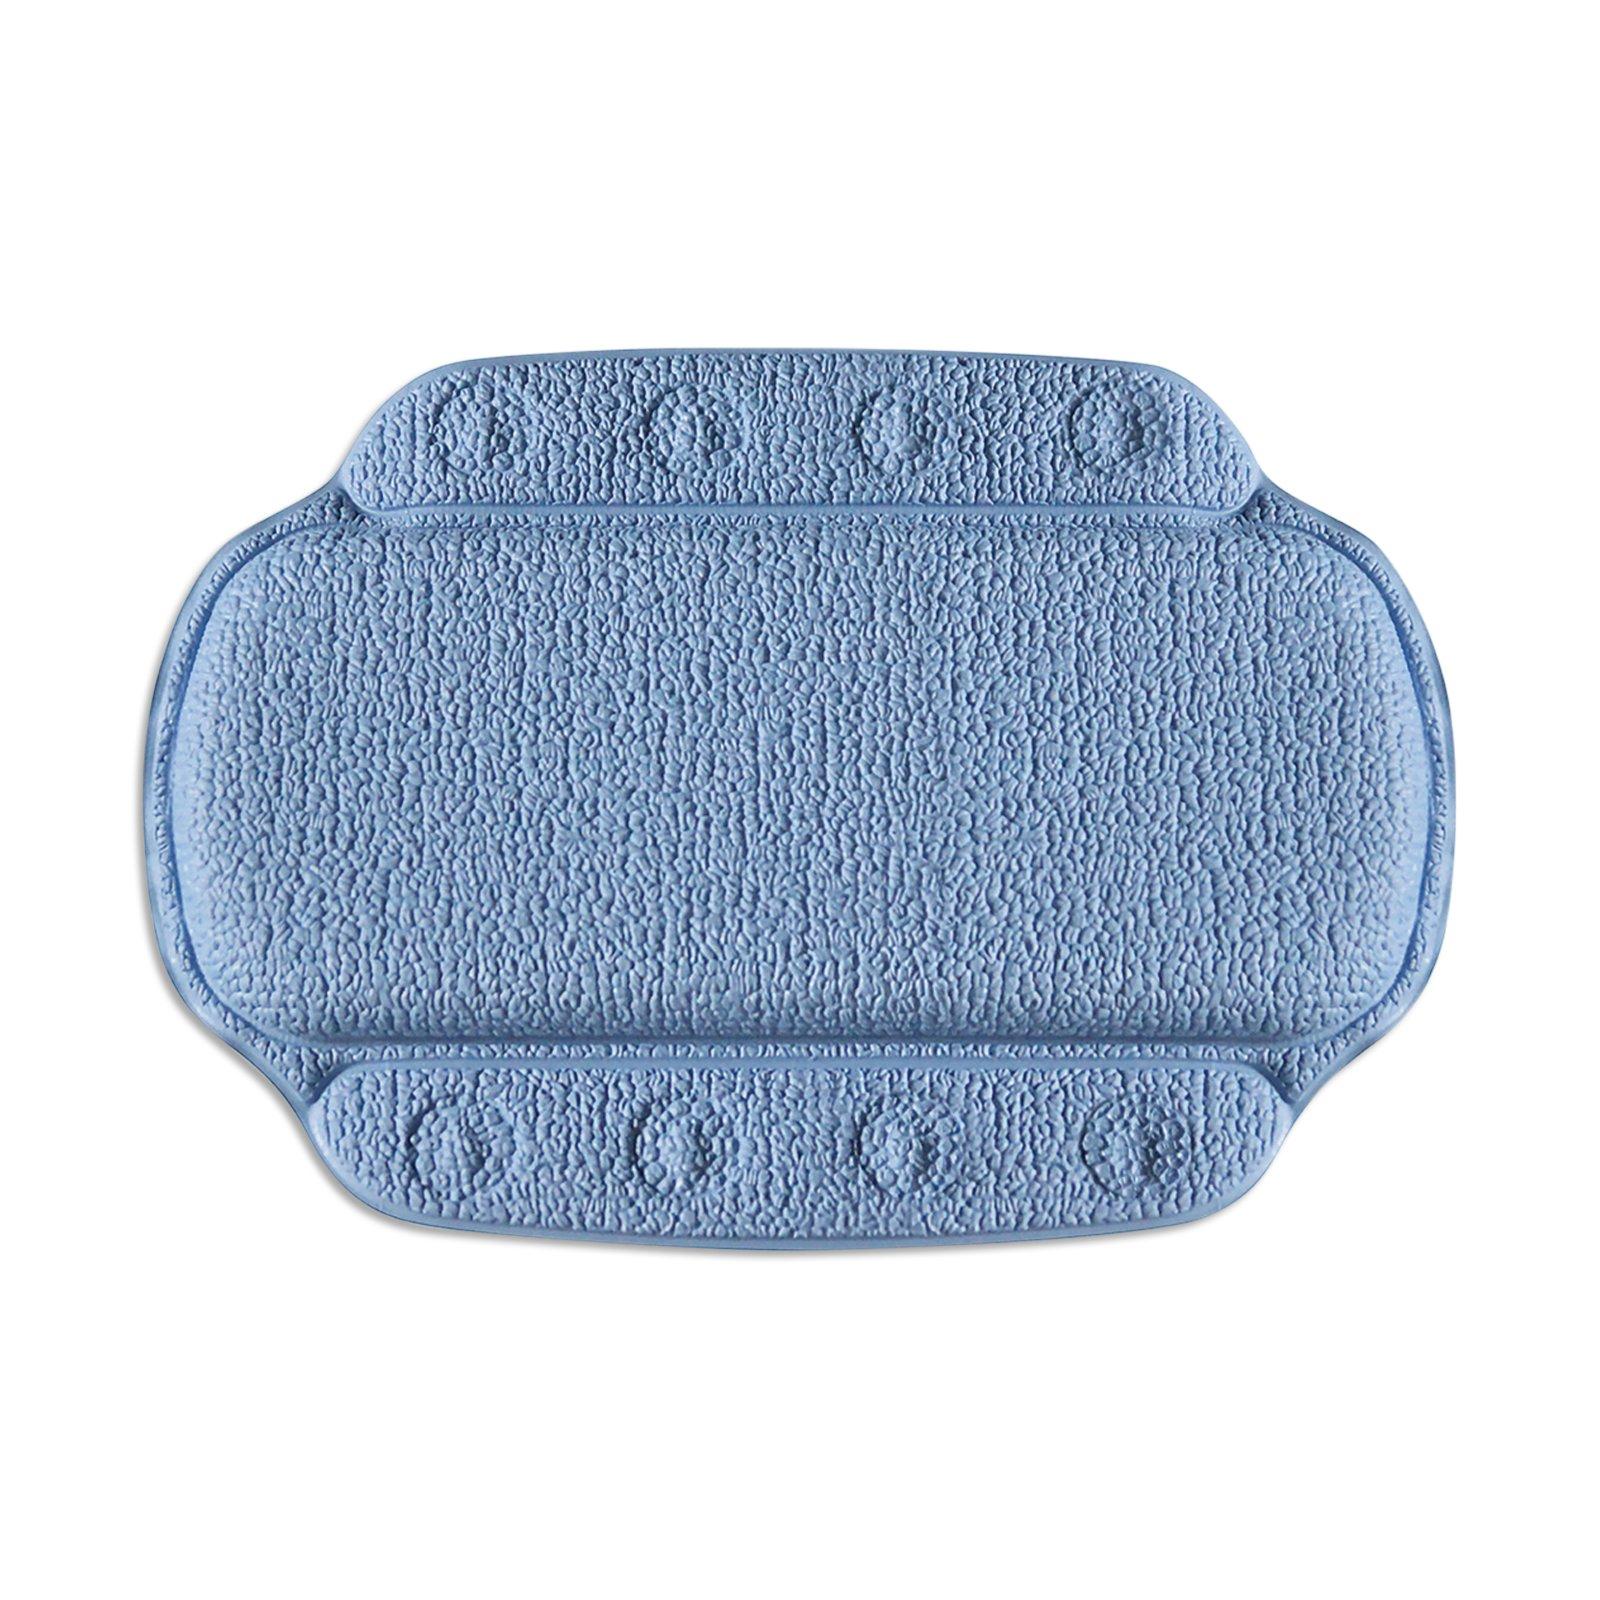 Badewannen-Nackenkissen - blau - 32x23 cm